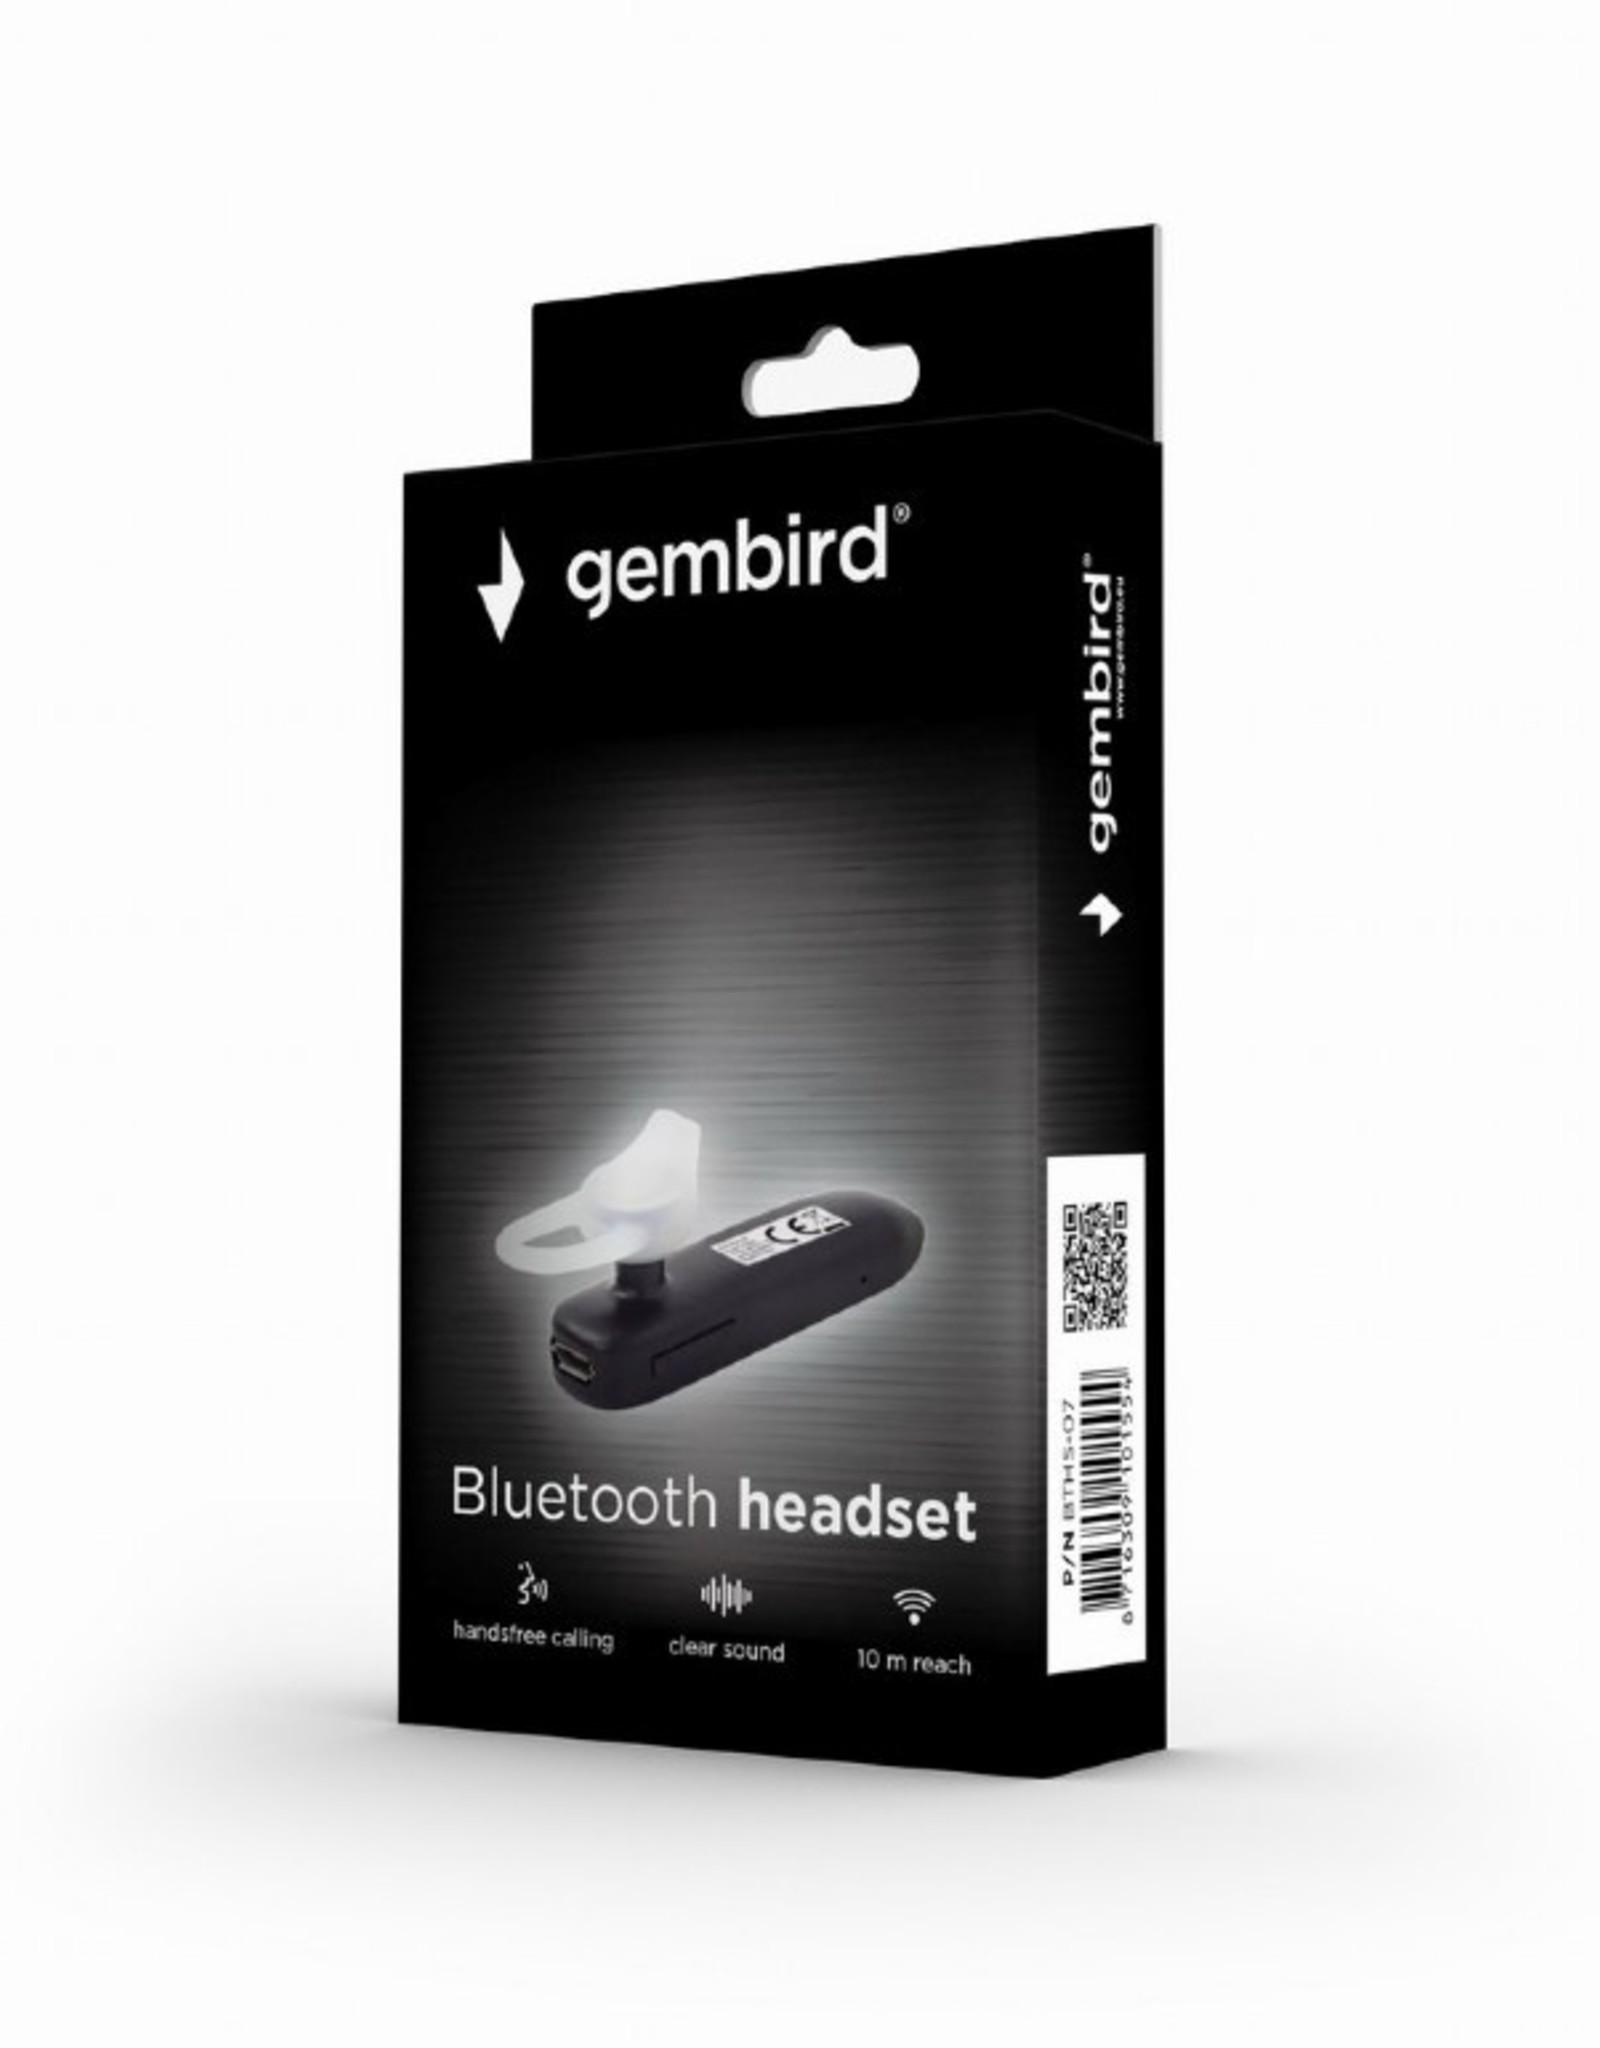 Gembird Bluetooth Headset